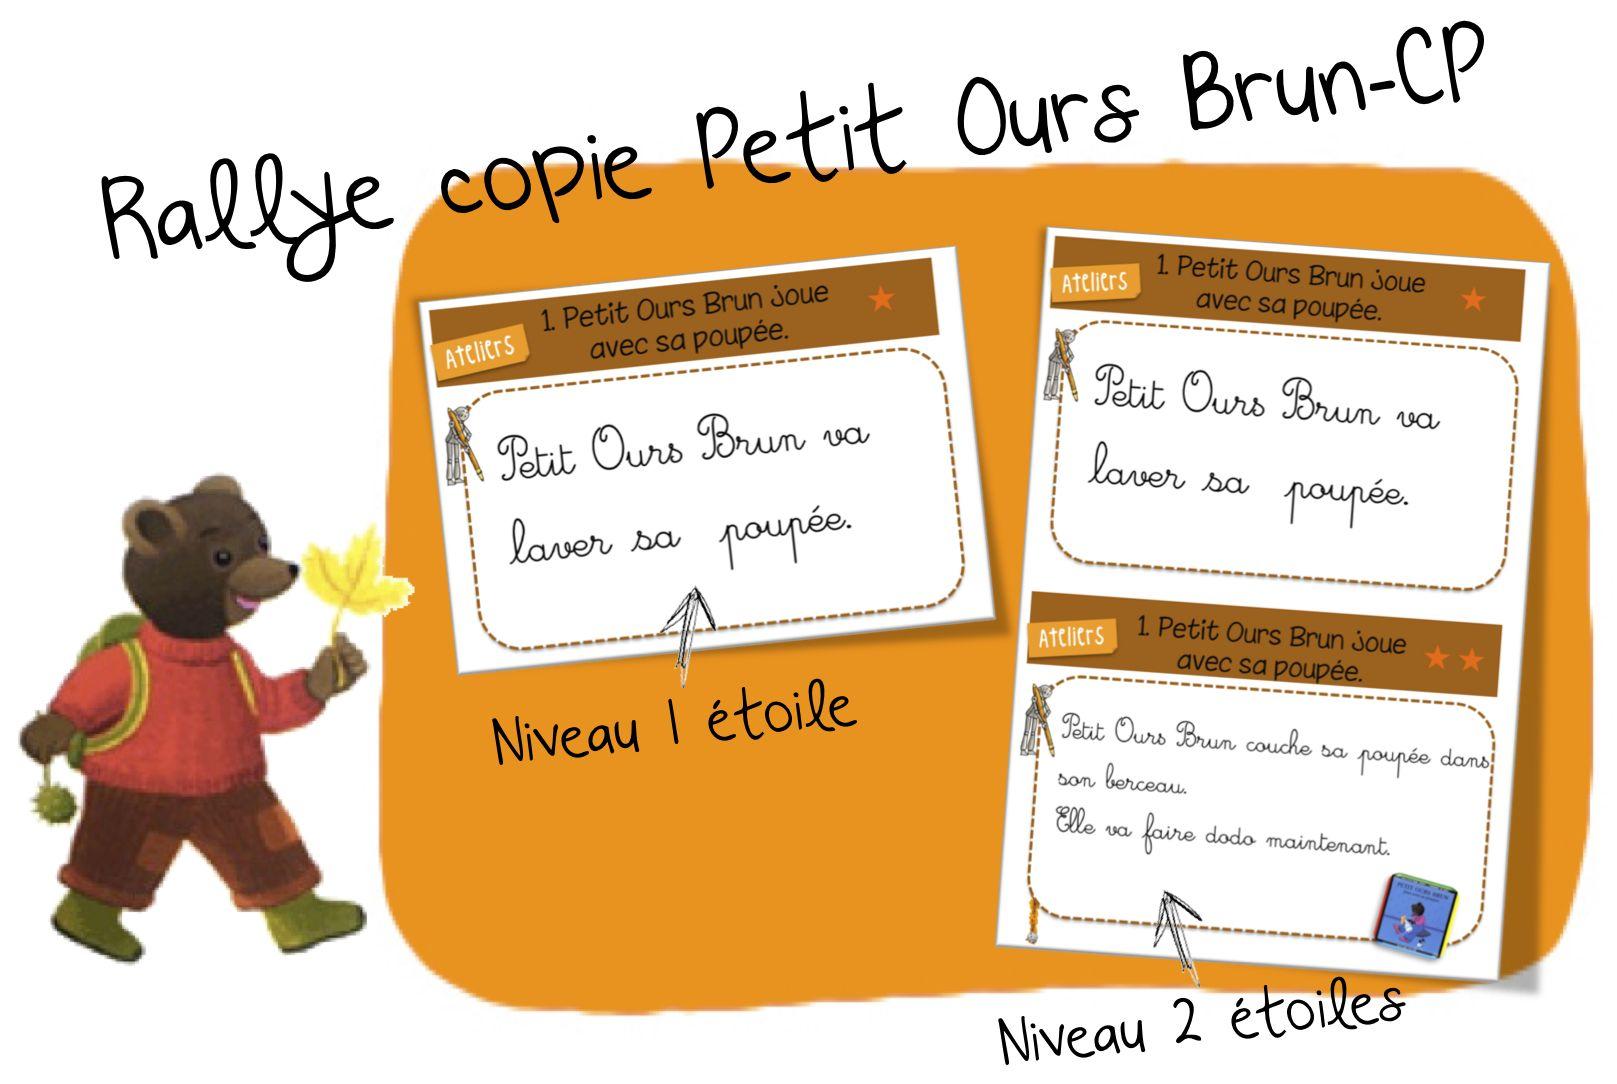 Rallye petit ours brun cp bout de gomme - Petit ours brun va al ecole ...